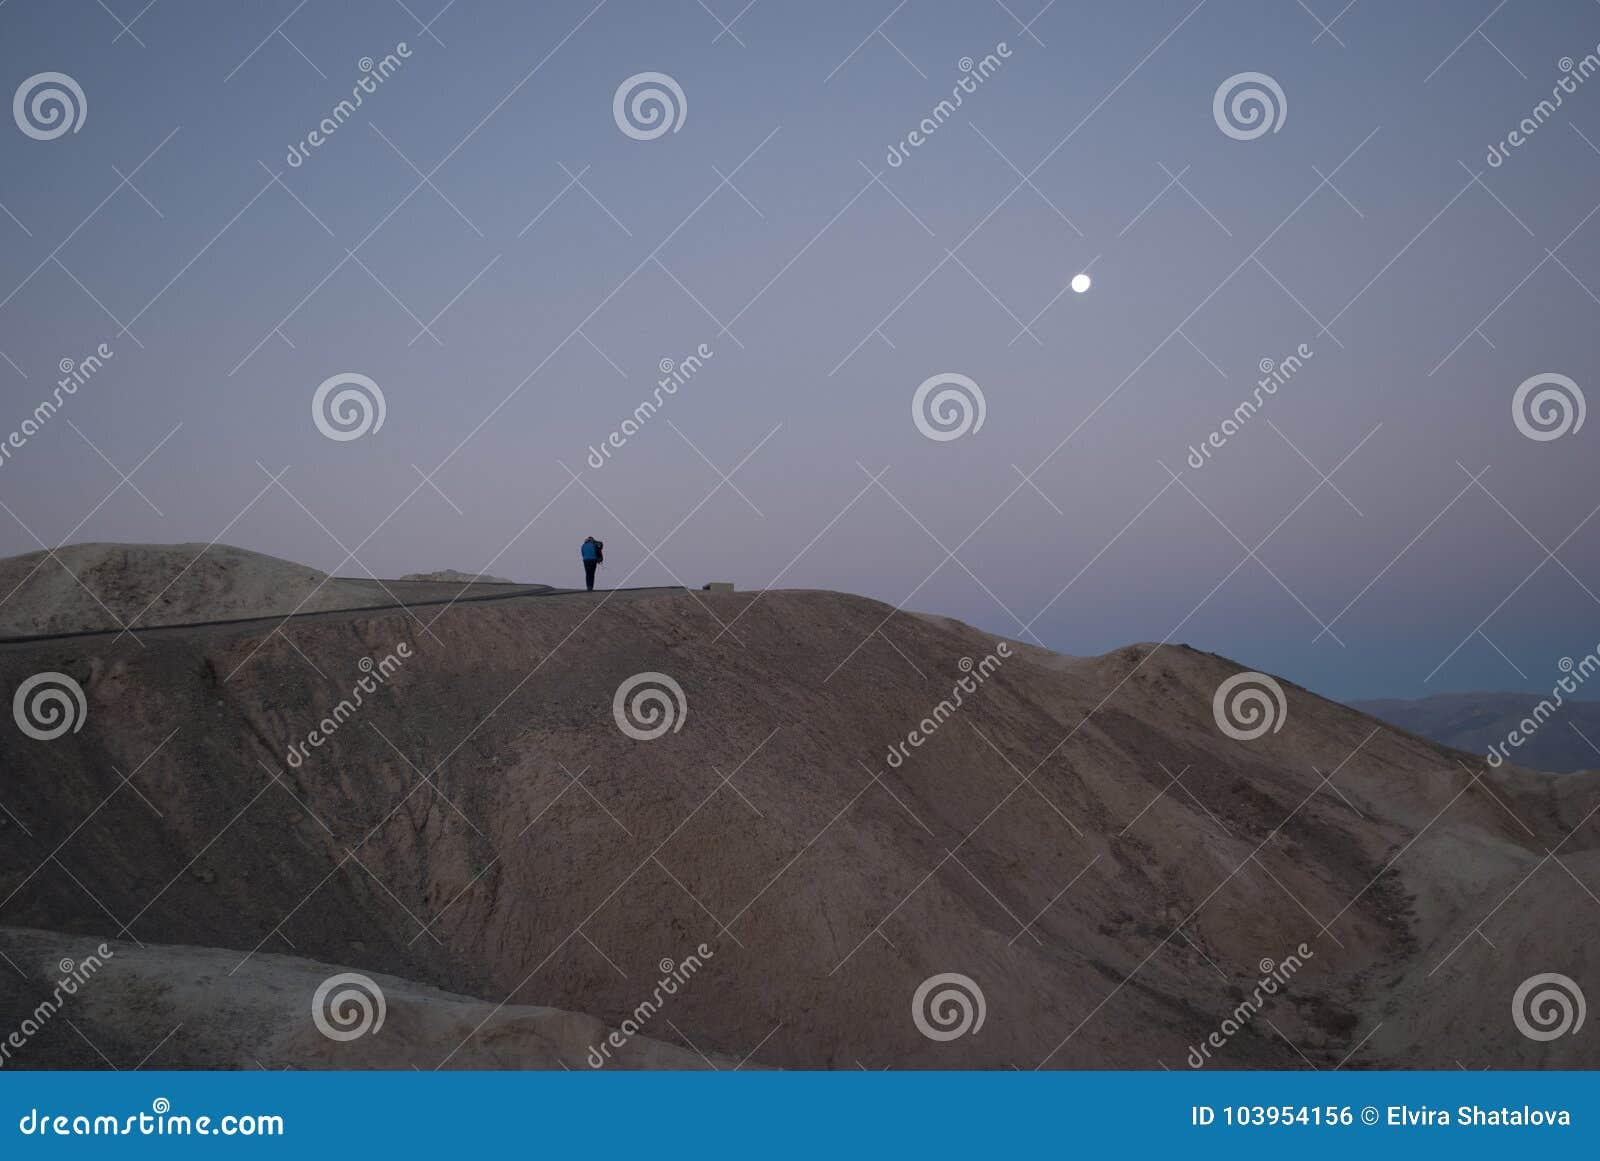 Vlak vóór zonsopgang, beklimt de mens een berg om de zonsopgang te ontmoeten